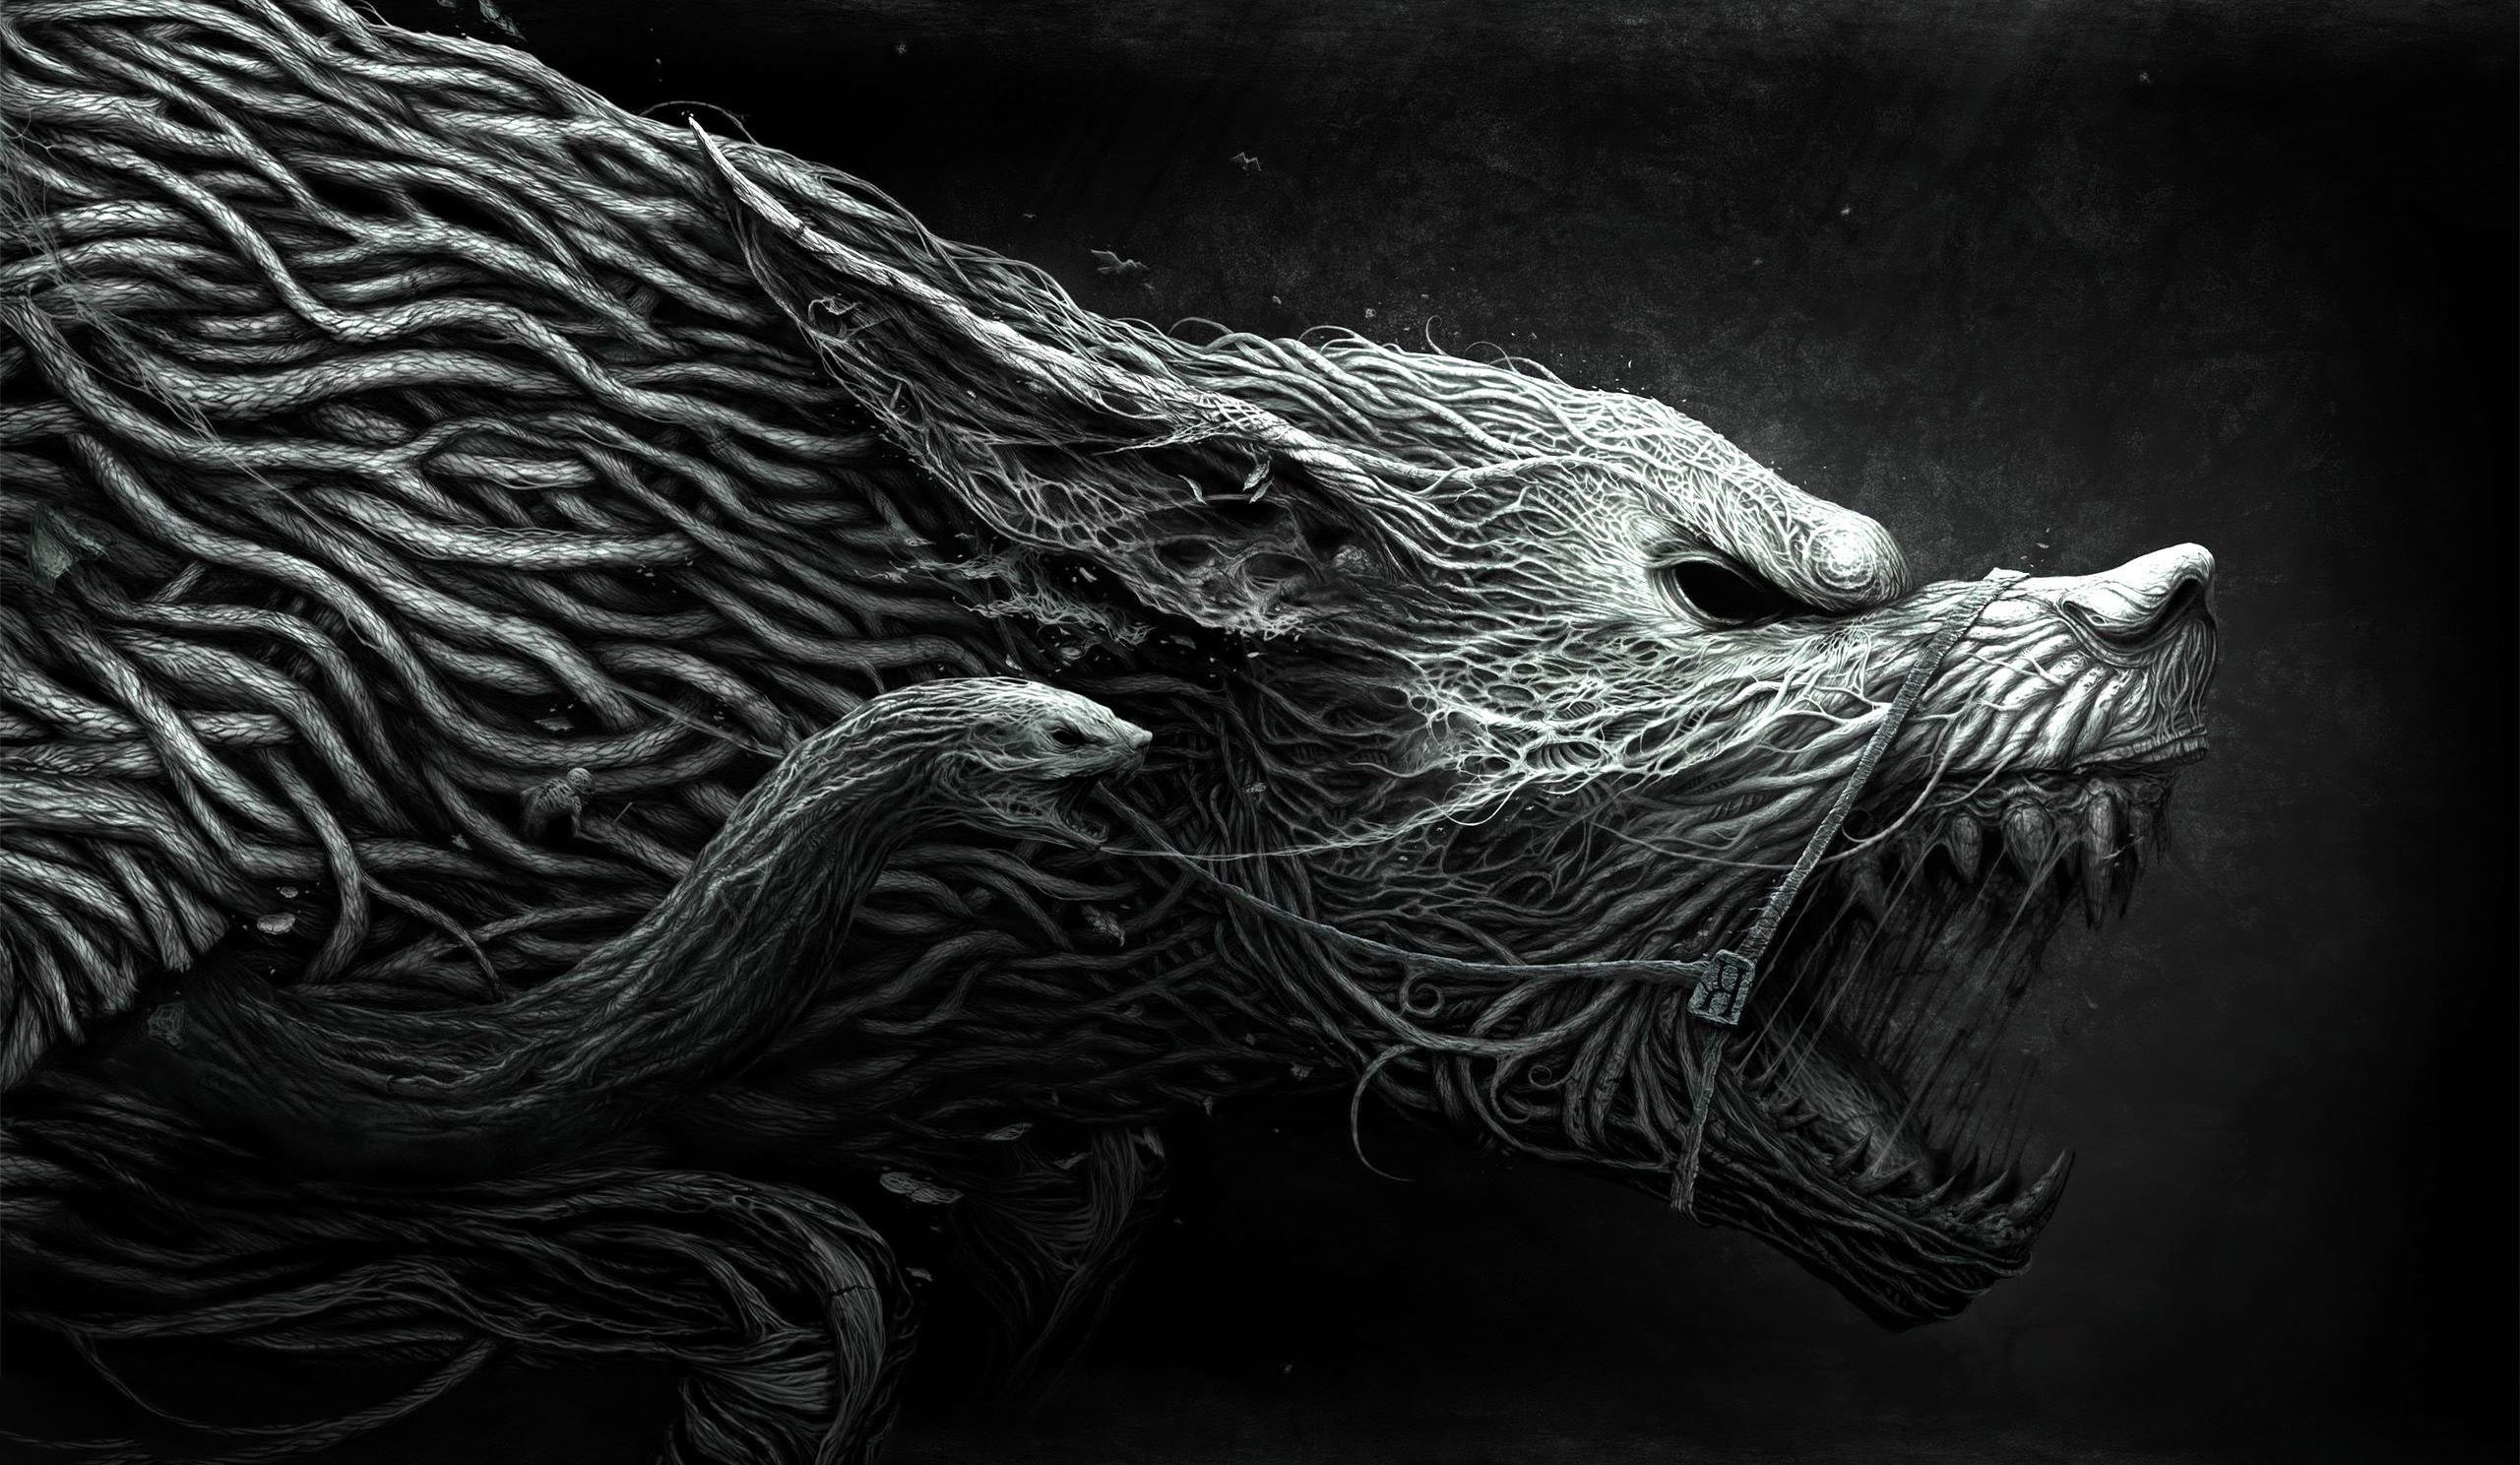 Creepy Fantasy Art Artwork Wallpapers HD / Desktop and